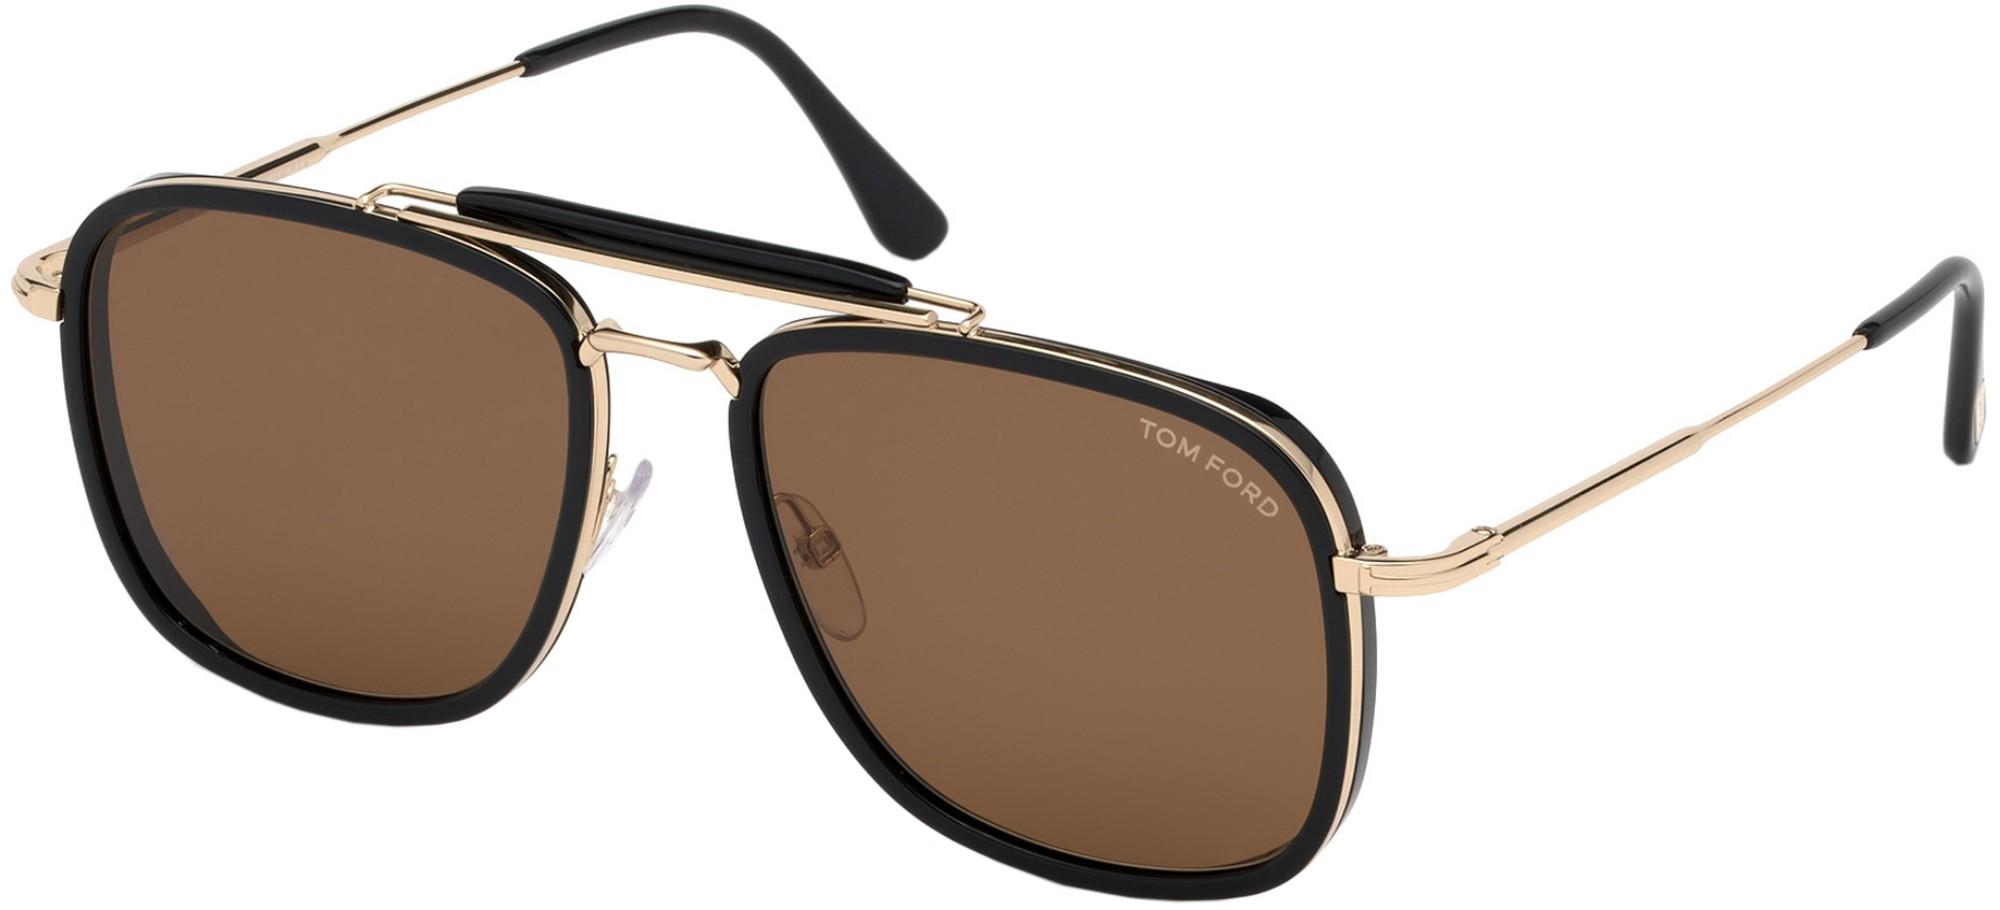 Tom Ford Huck 0665 01E - Oculos de Sol